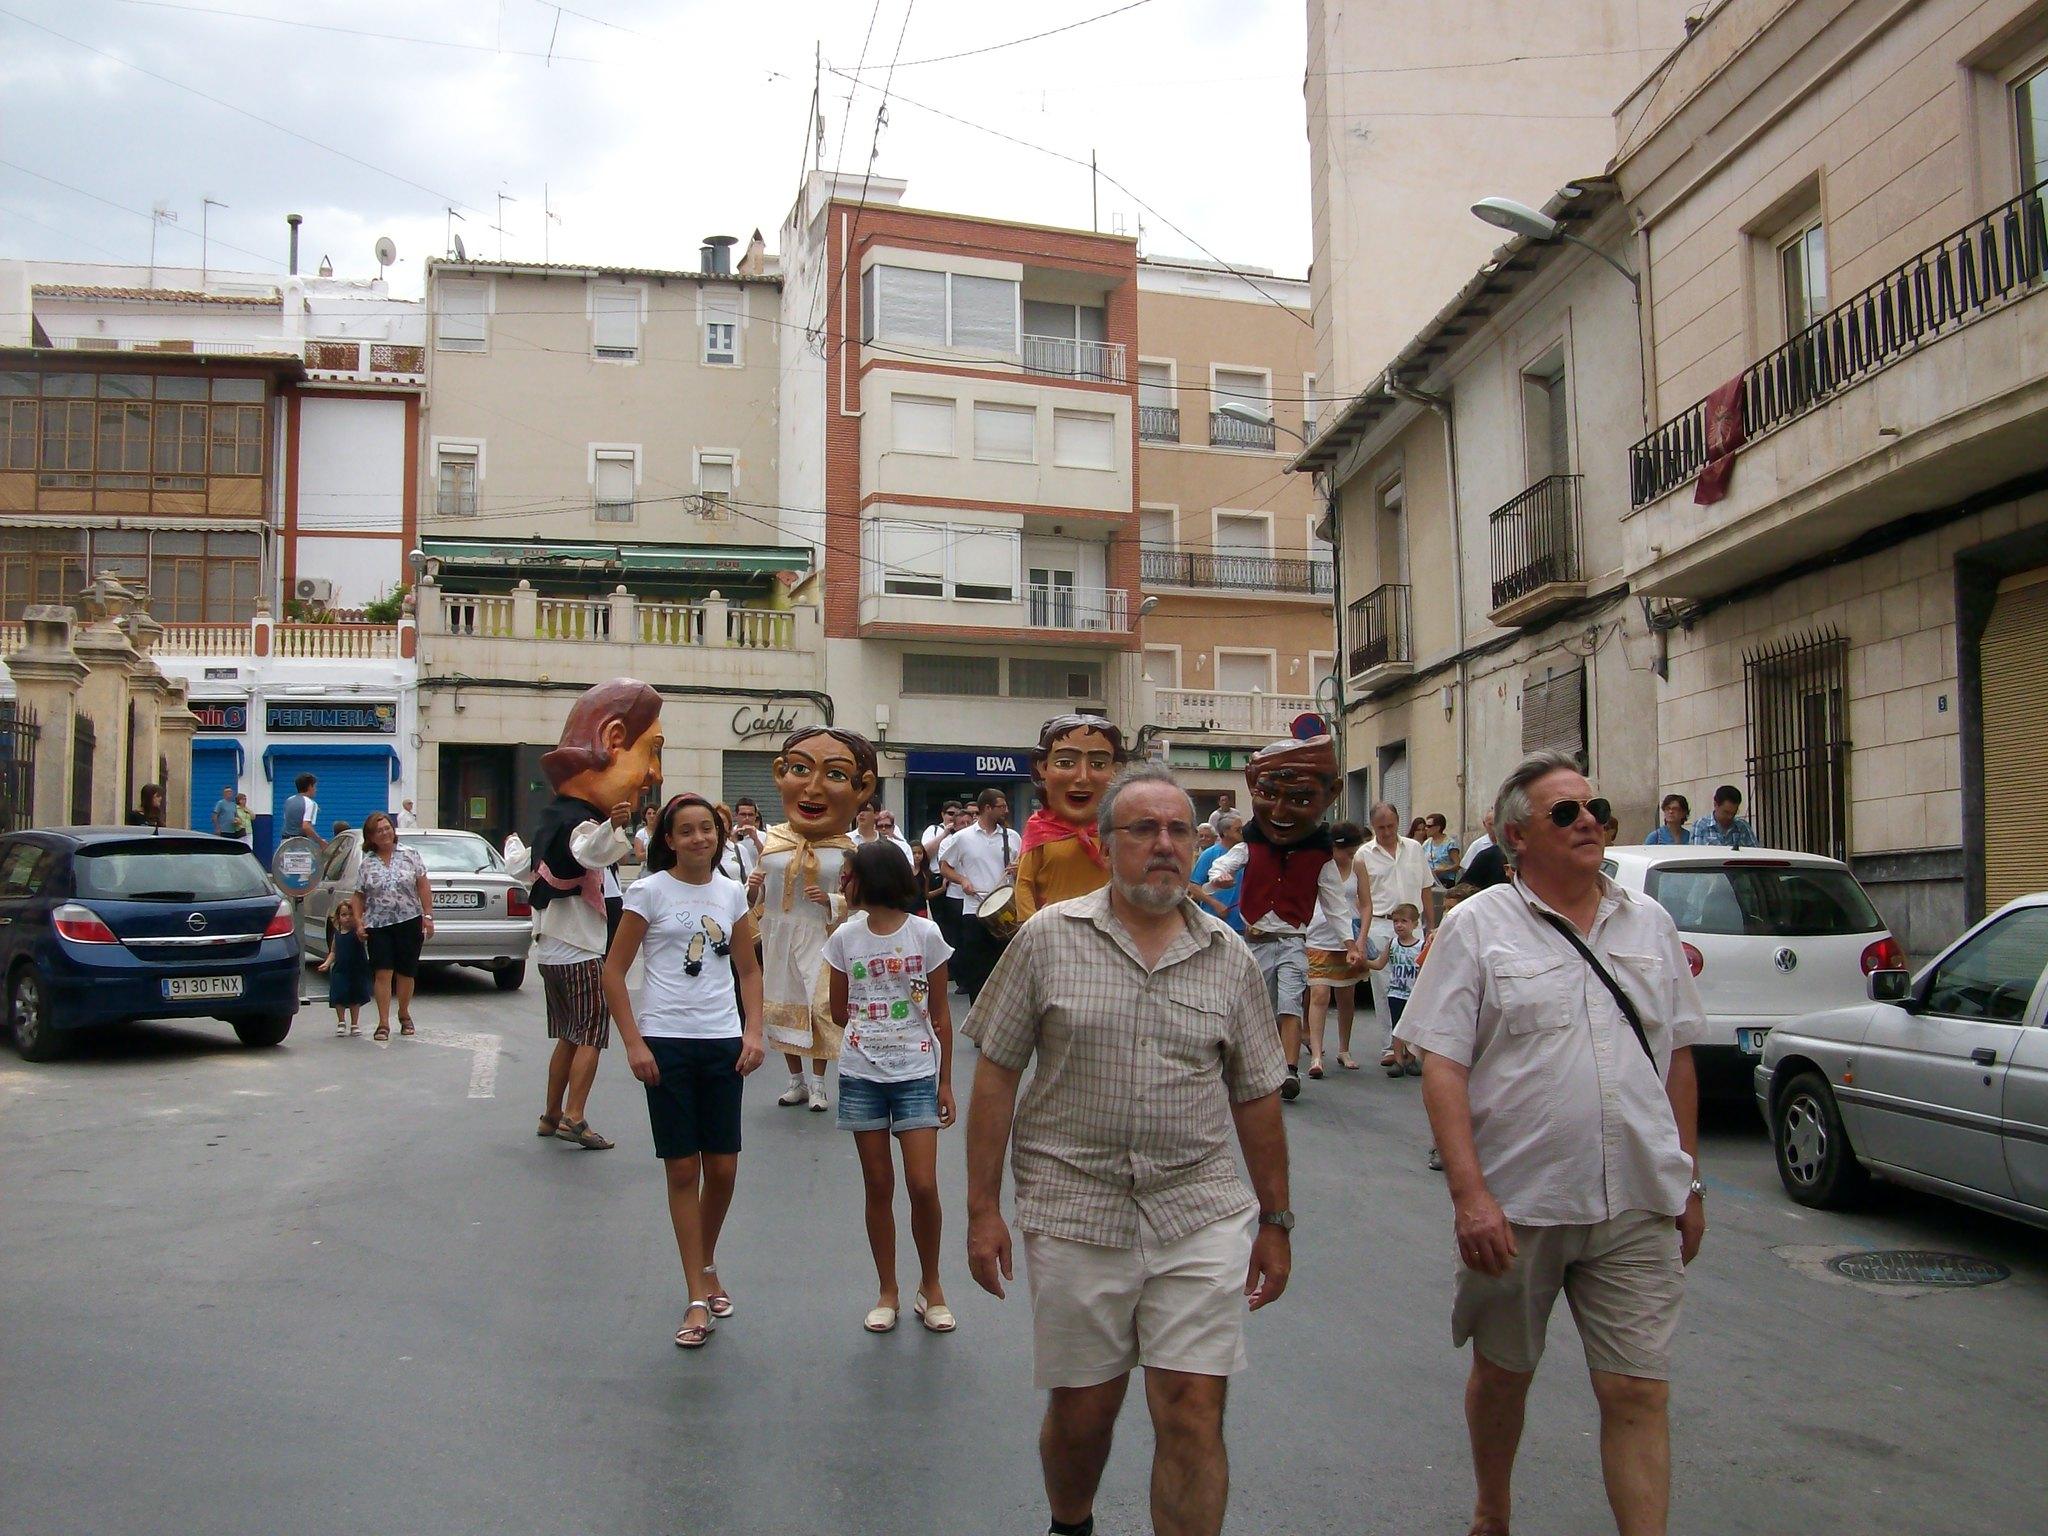 (2011-07-03) - Pasacalle Gent de Nanos -  José Vicente Romero Ripoll (13)